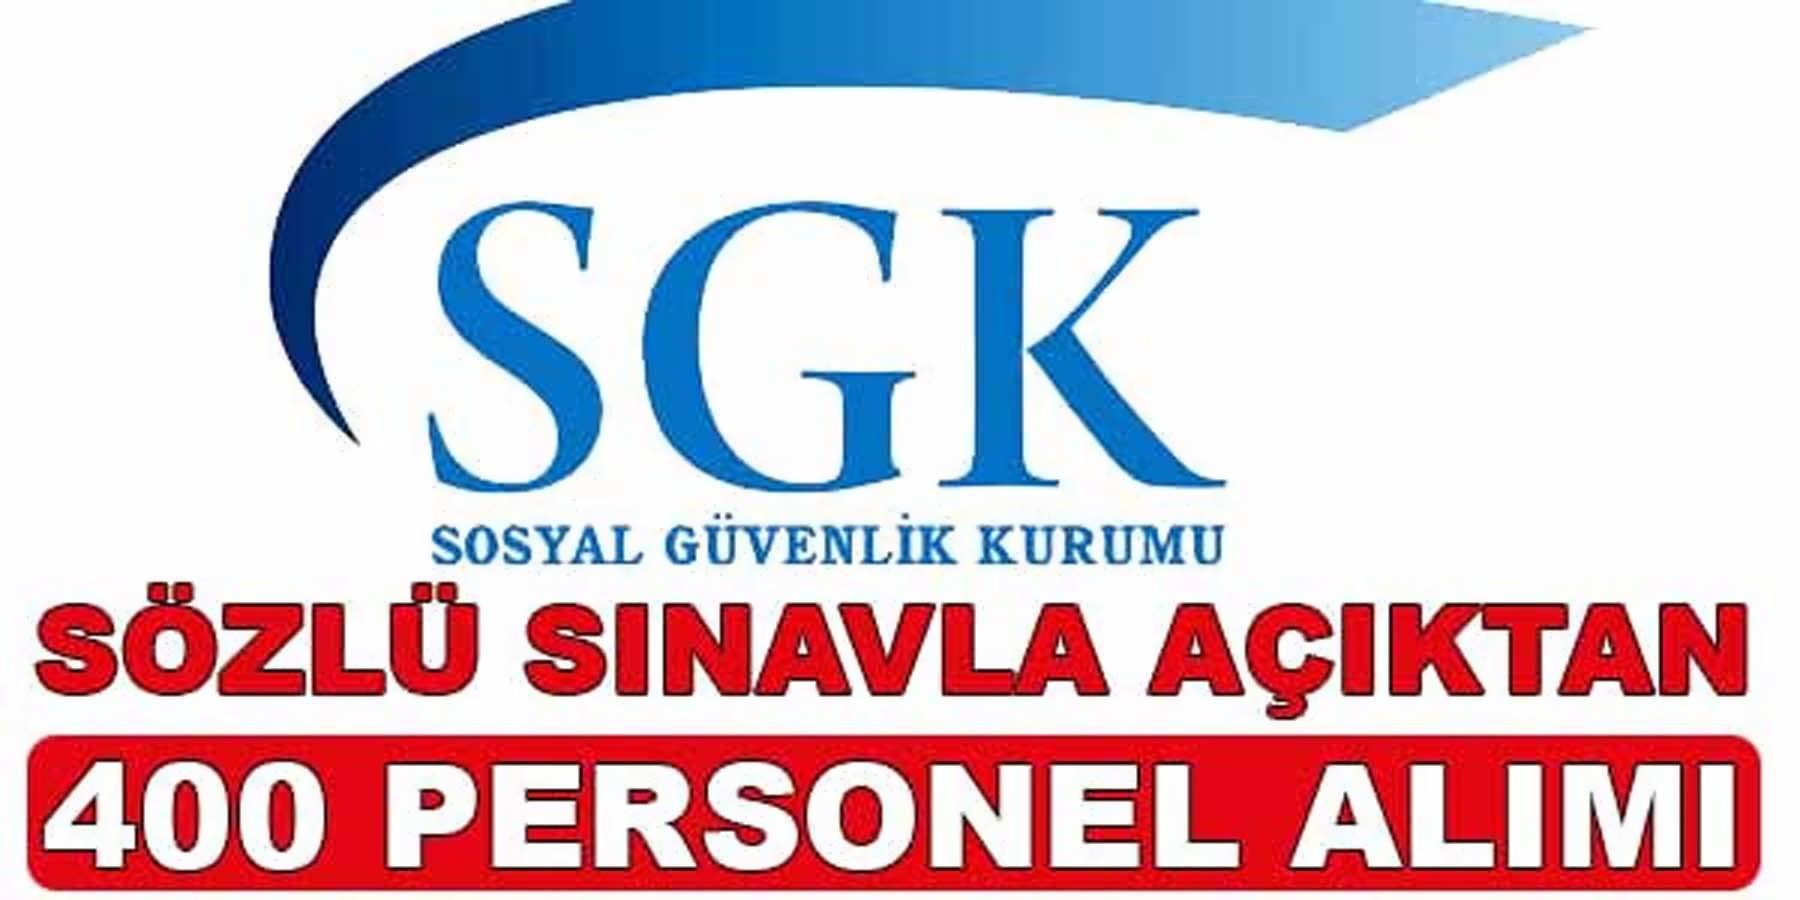 SGK Sözlü Sınavla Açıktan 400 Personel Alımı